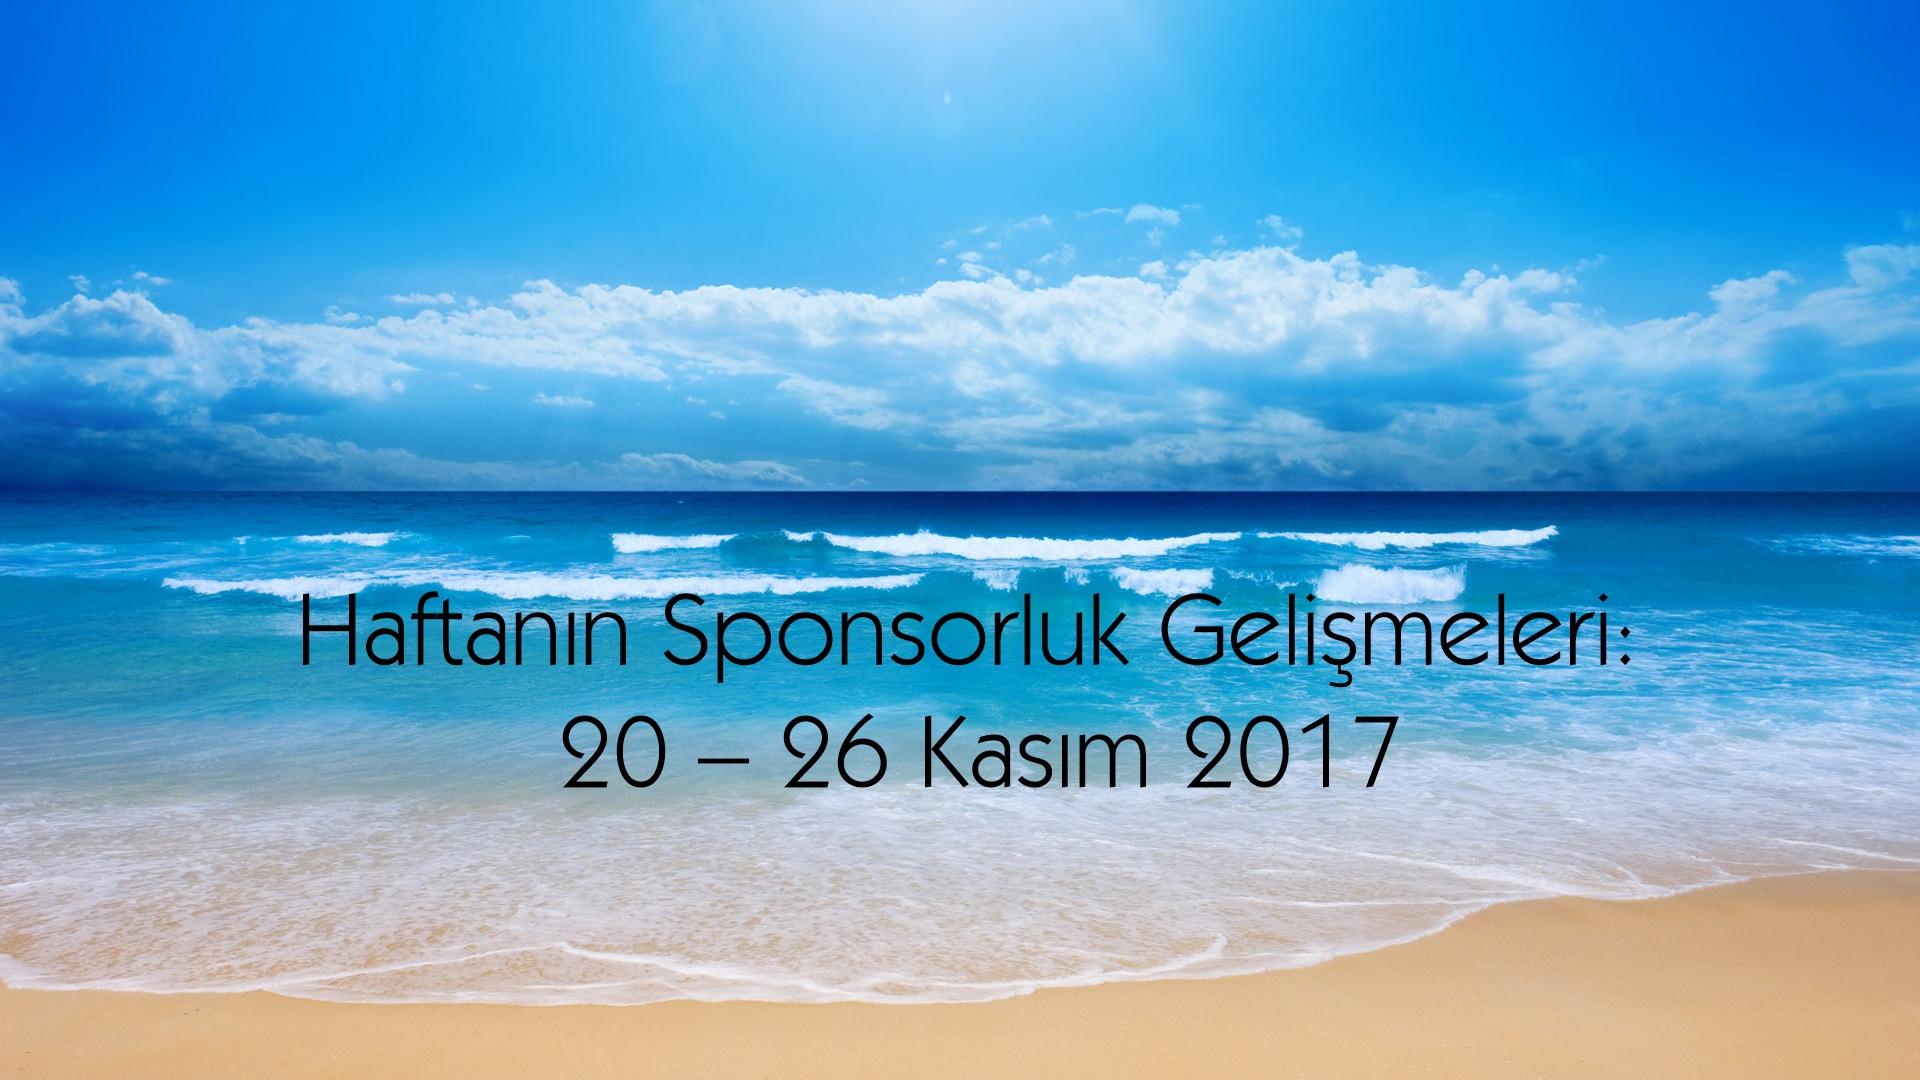 Haftanın Sponsorluk Gelişmeleri: 20 – 26 Kasım 2017